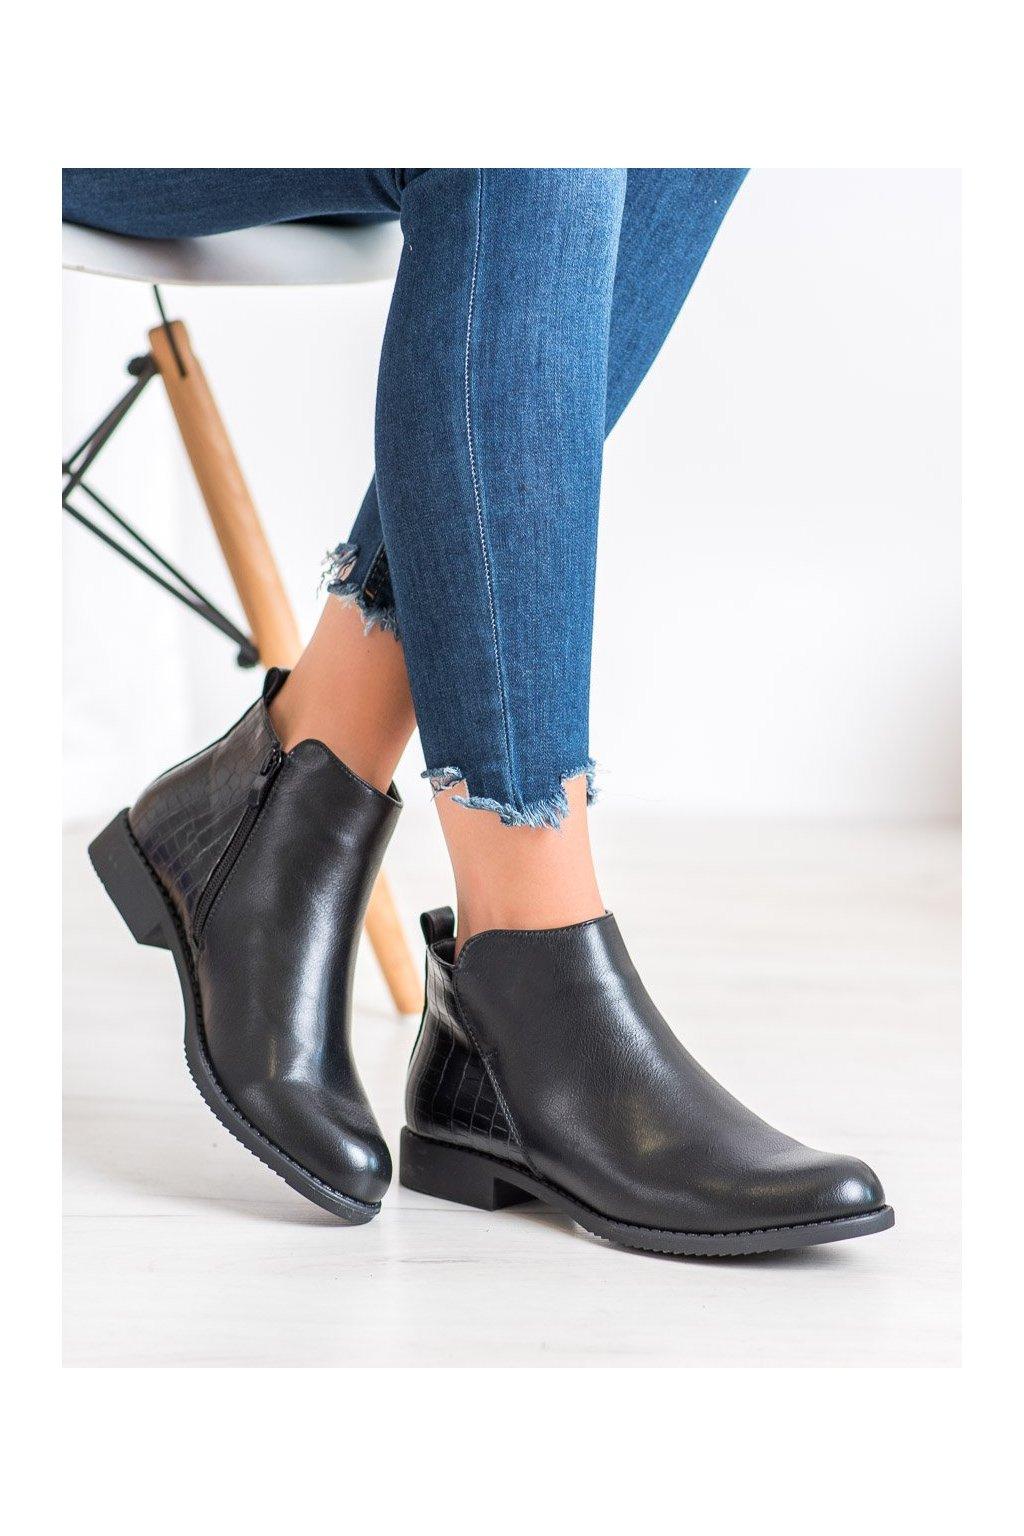 Čierne dámske topánky J. star kod A8045/A-B